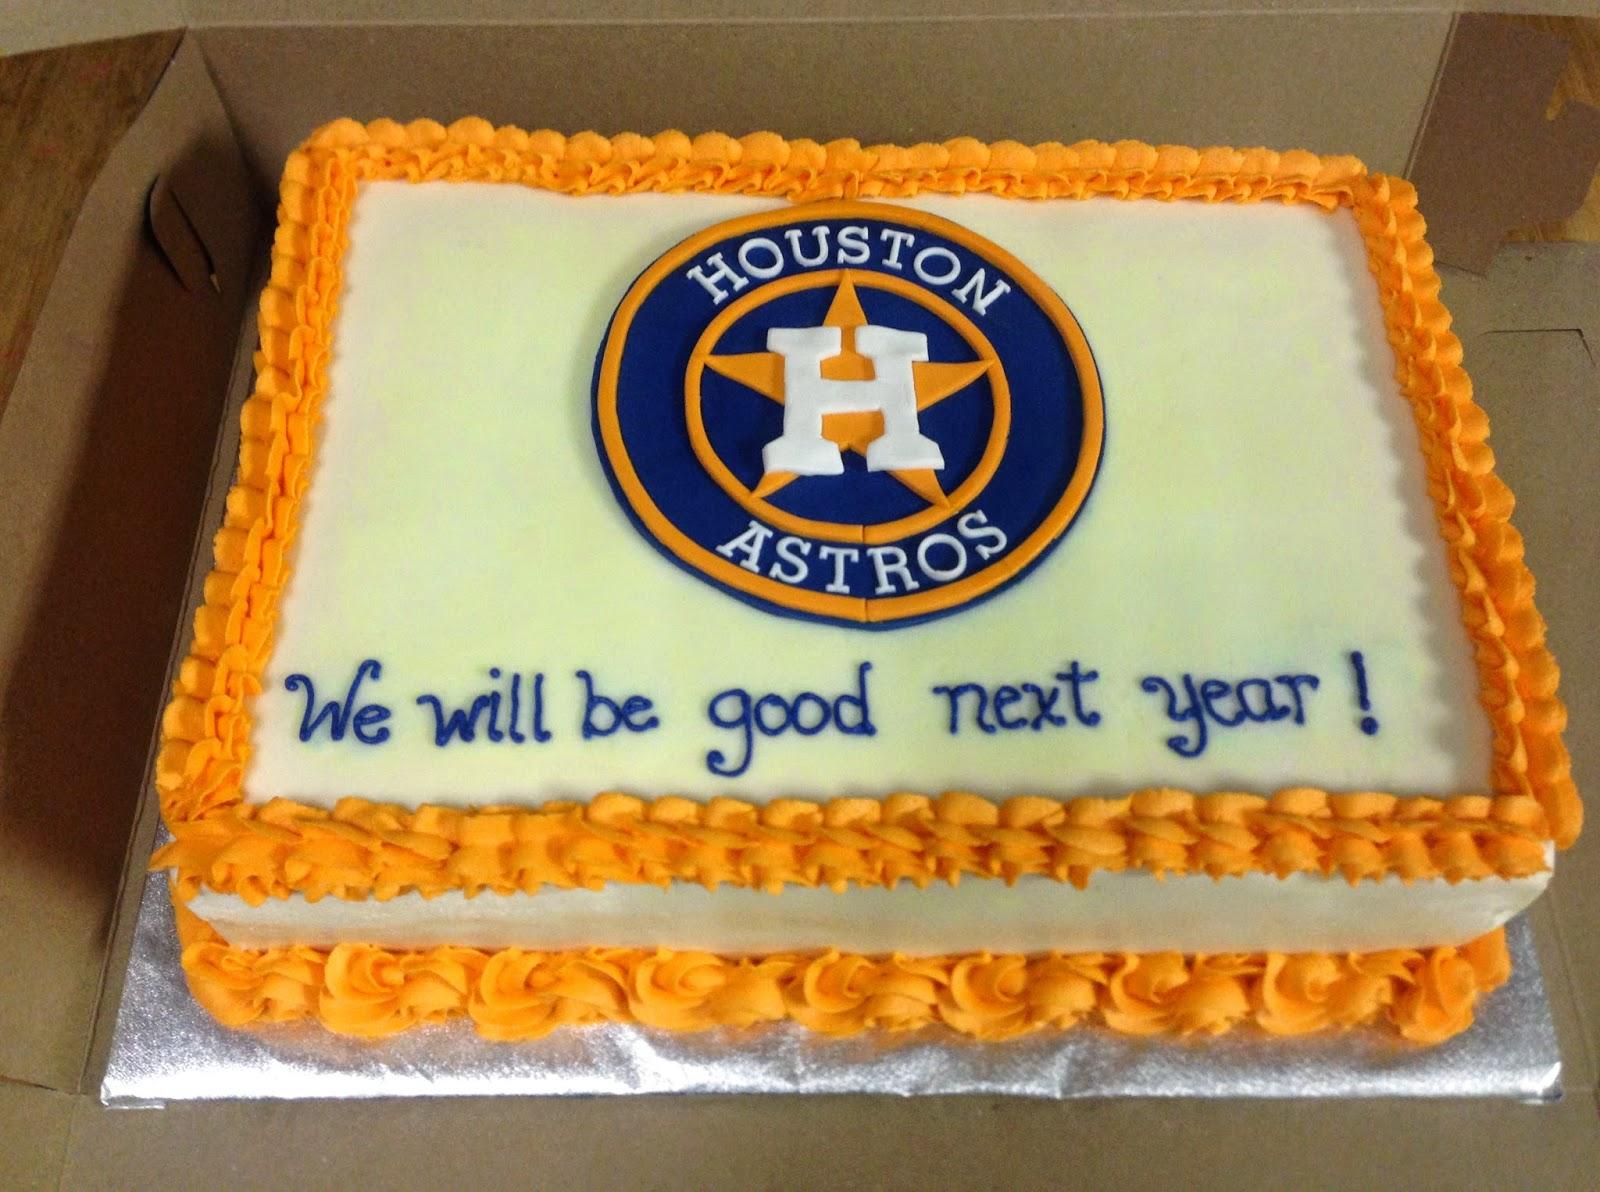 Houston Astros Cake 10 X 15